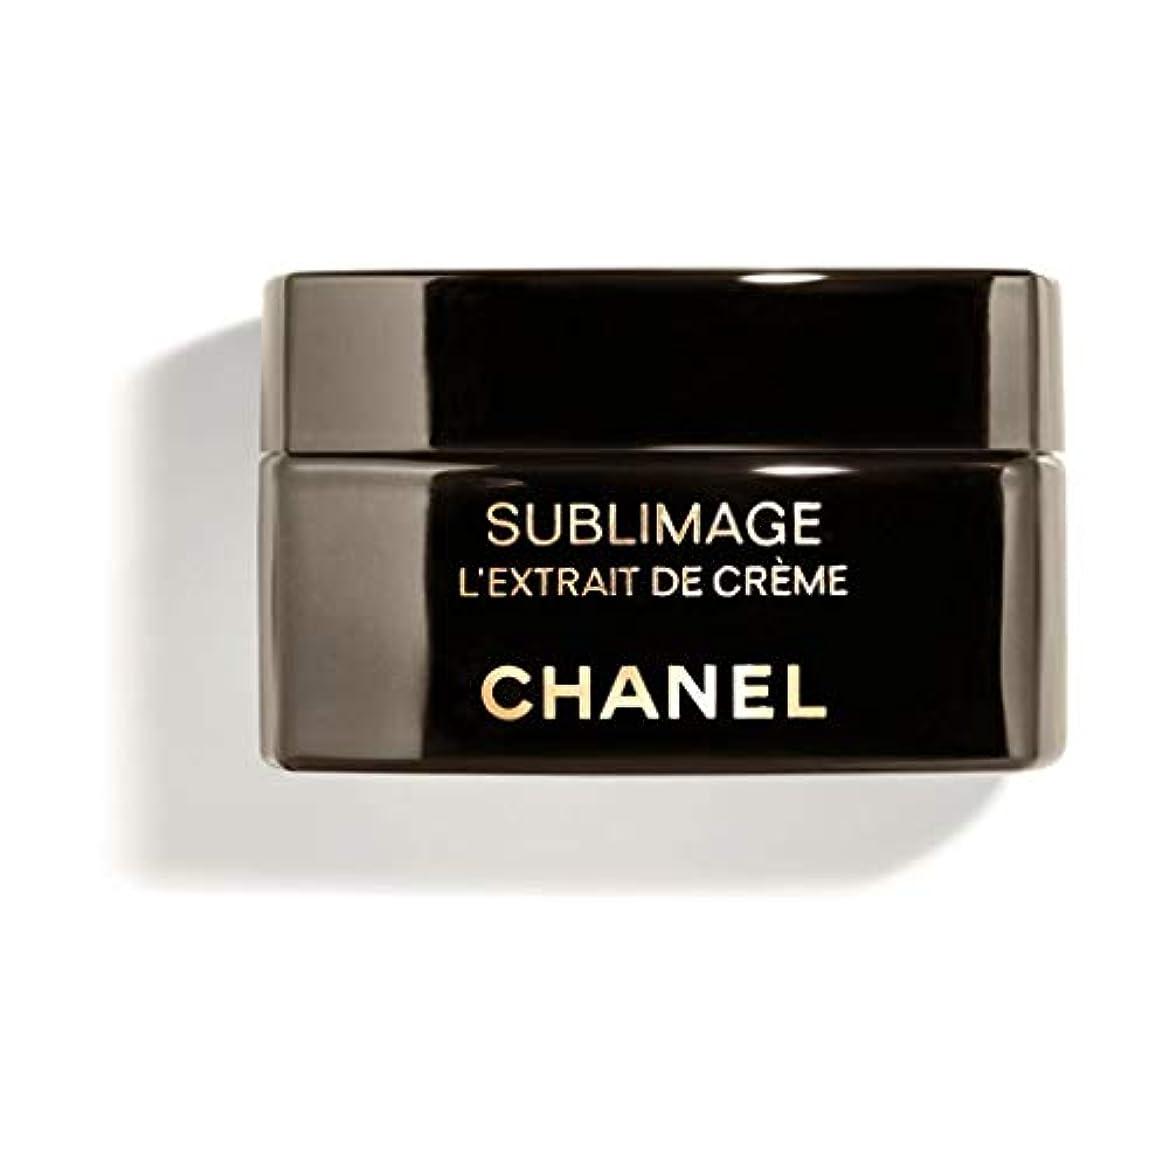 ドロップ夕方マイナーCHANEL(シャネル) SUBLIMAGE L EXTRAIT DE CREME サブリマージュ レクストレ ドゥ クレーム 50g